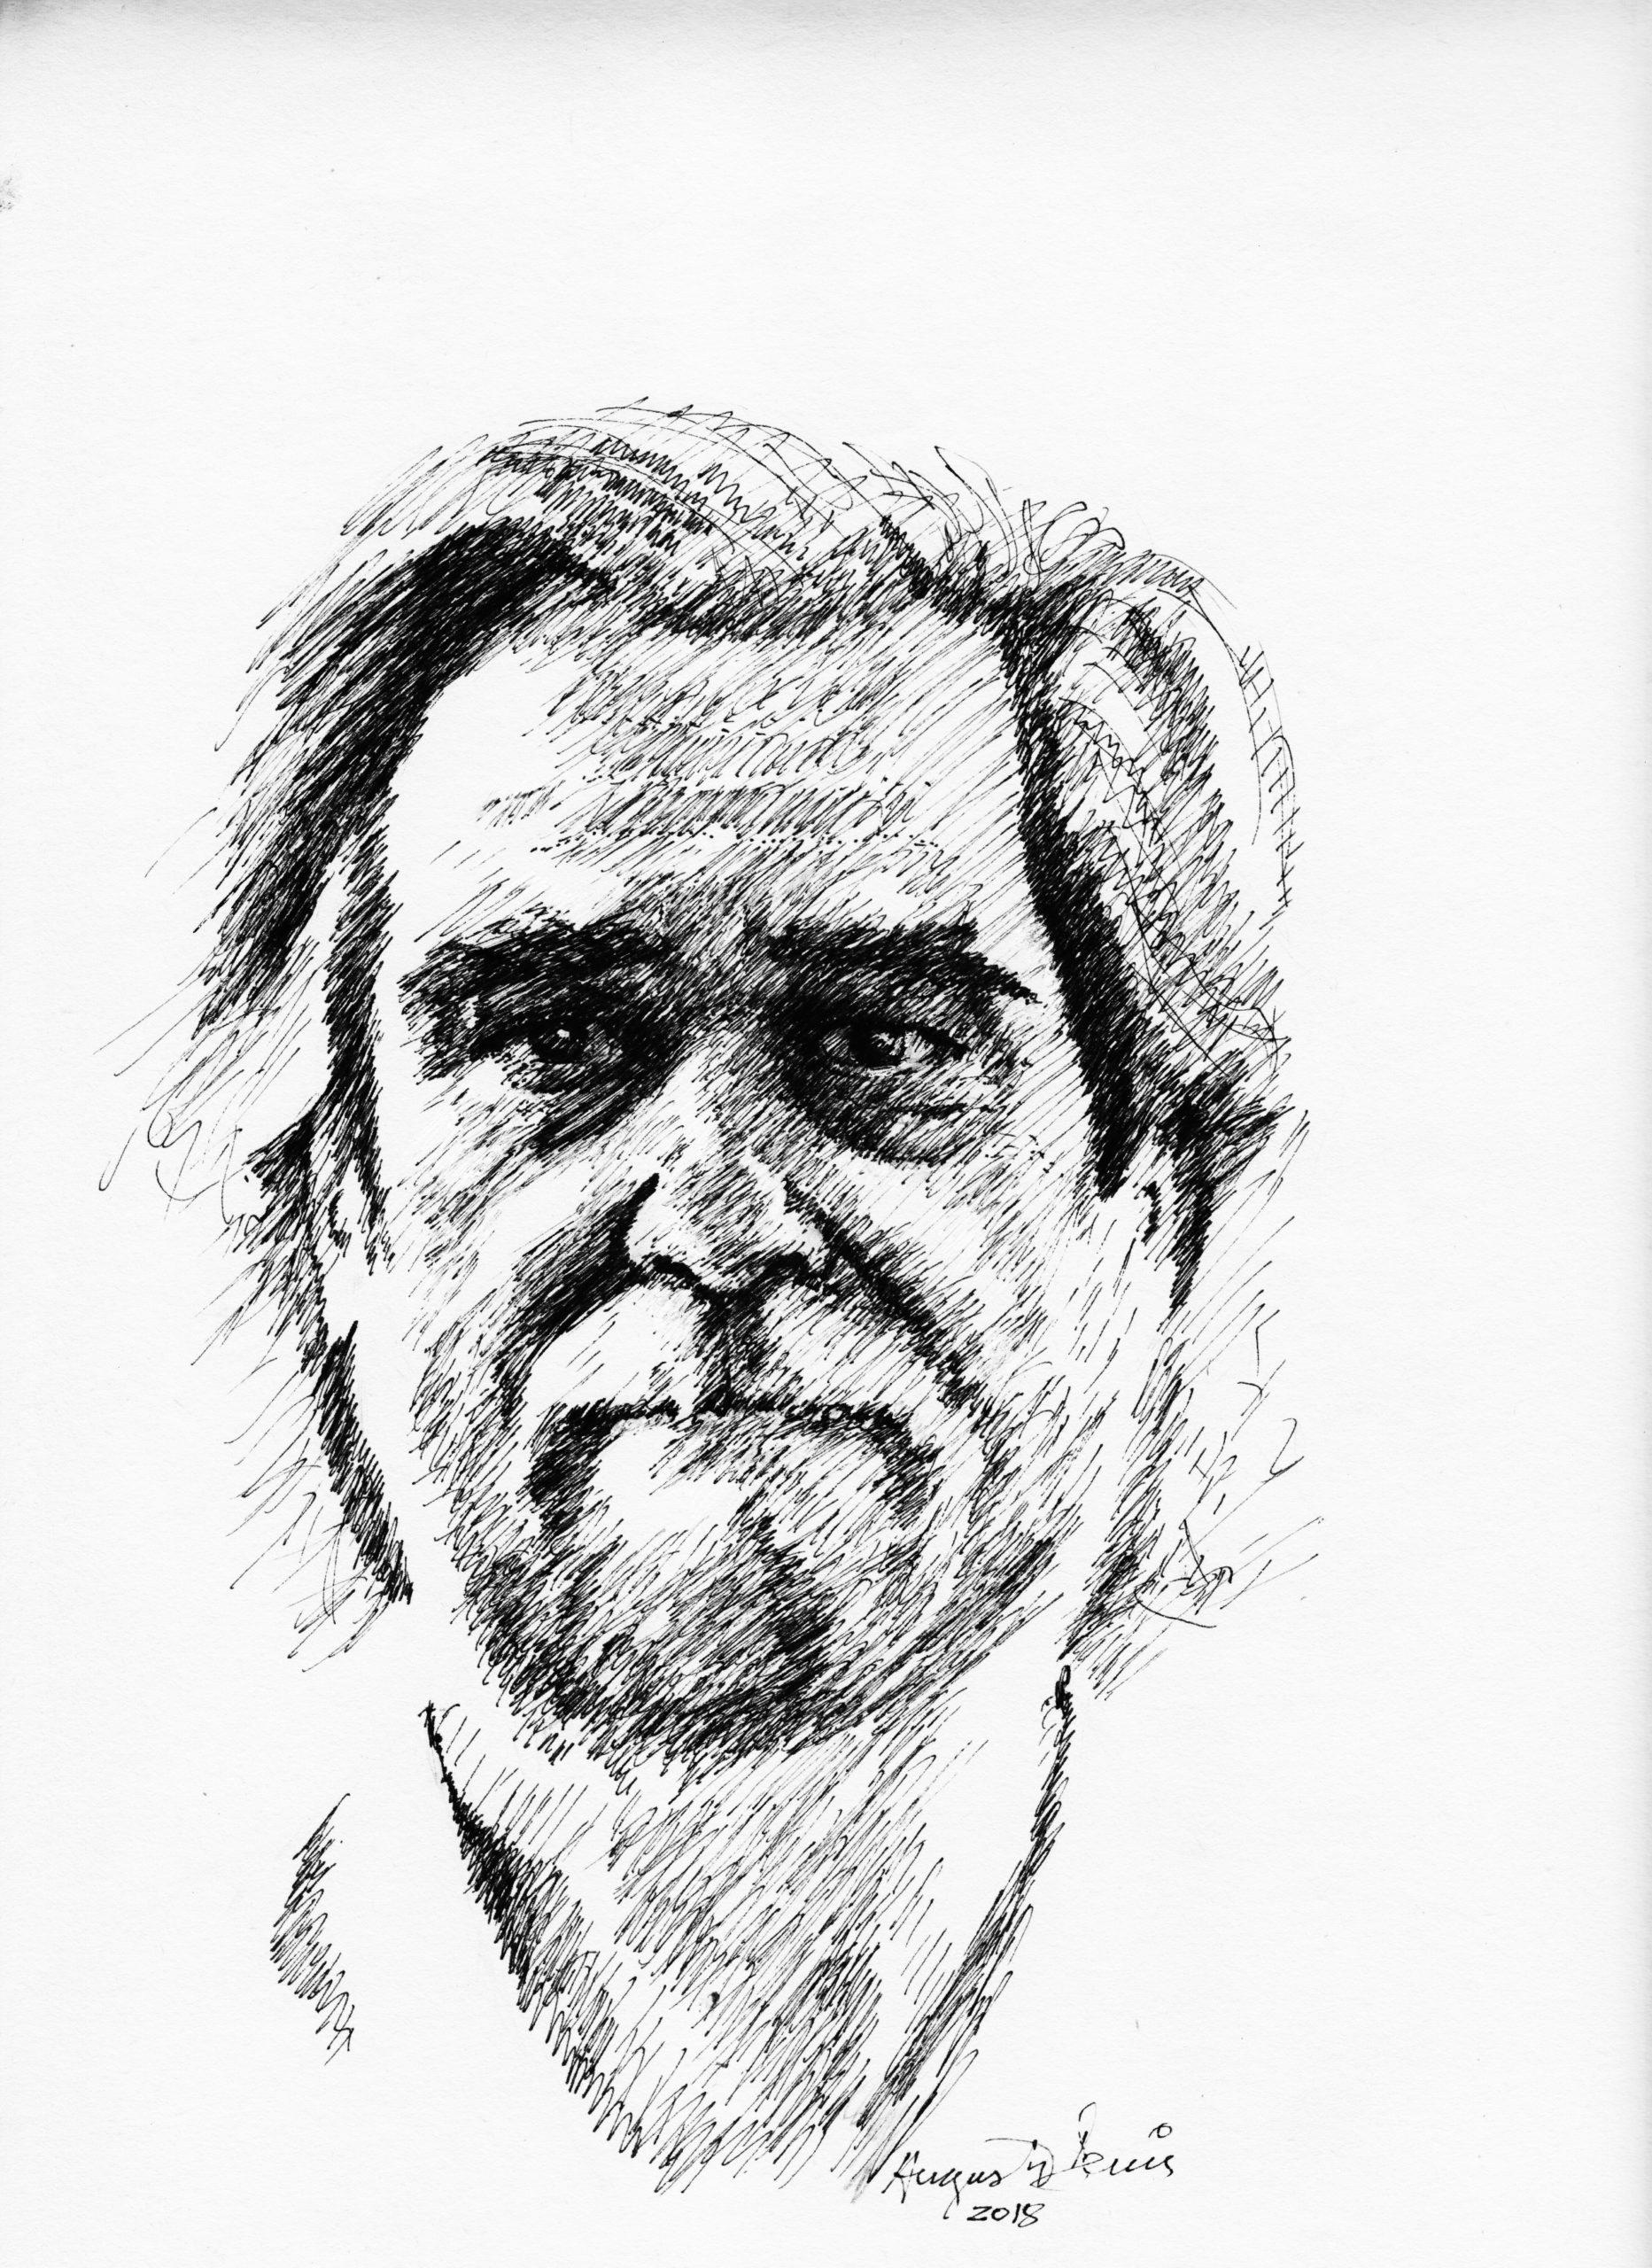 Marcelo Vernet